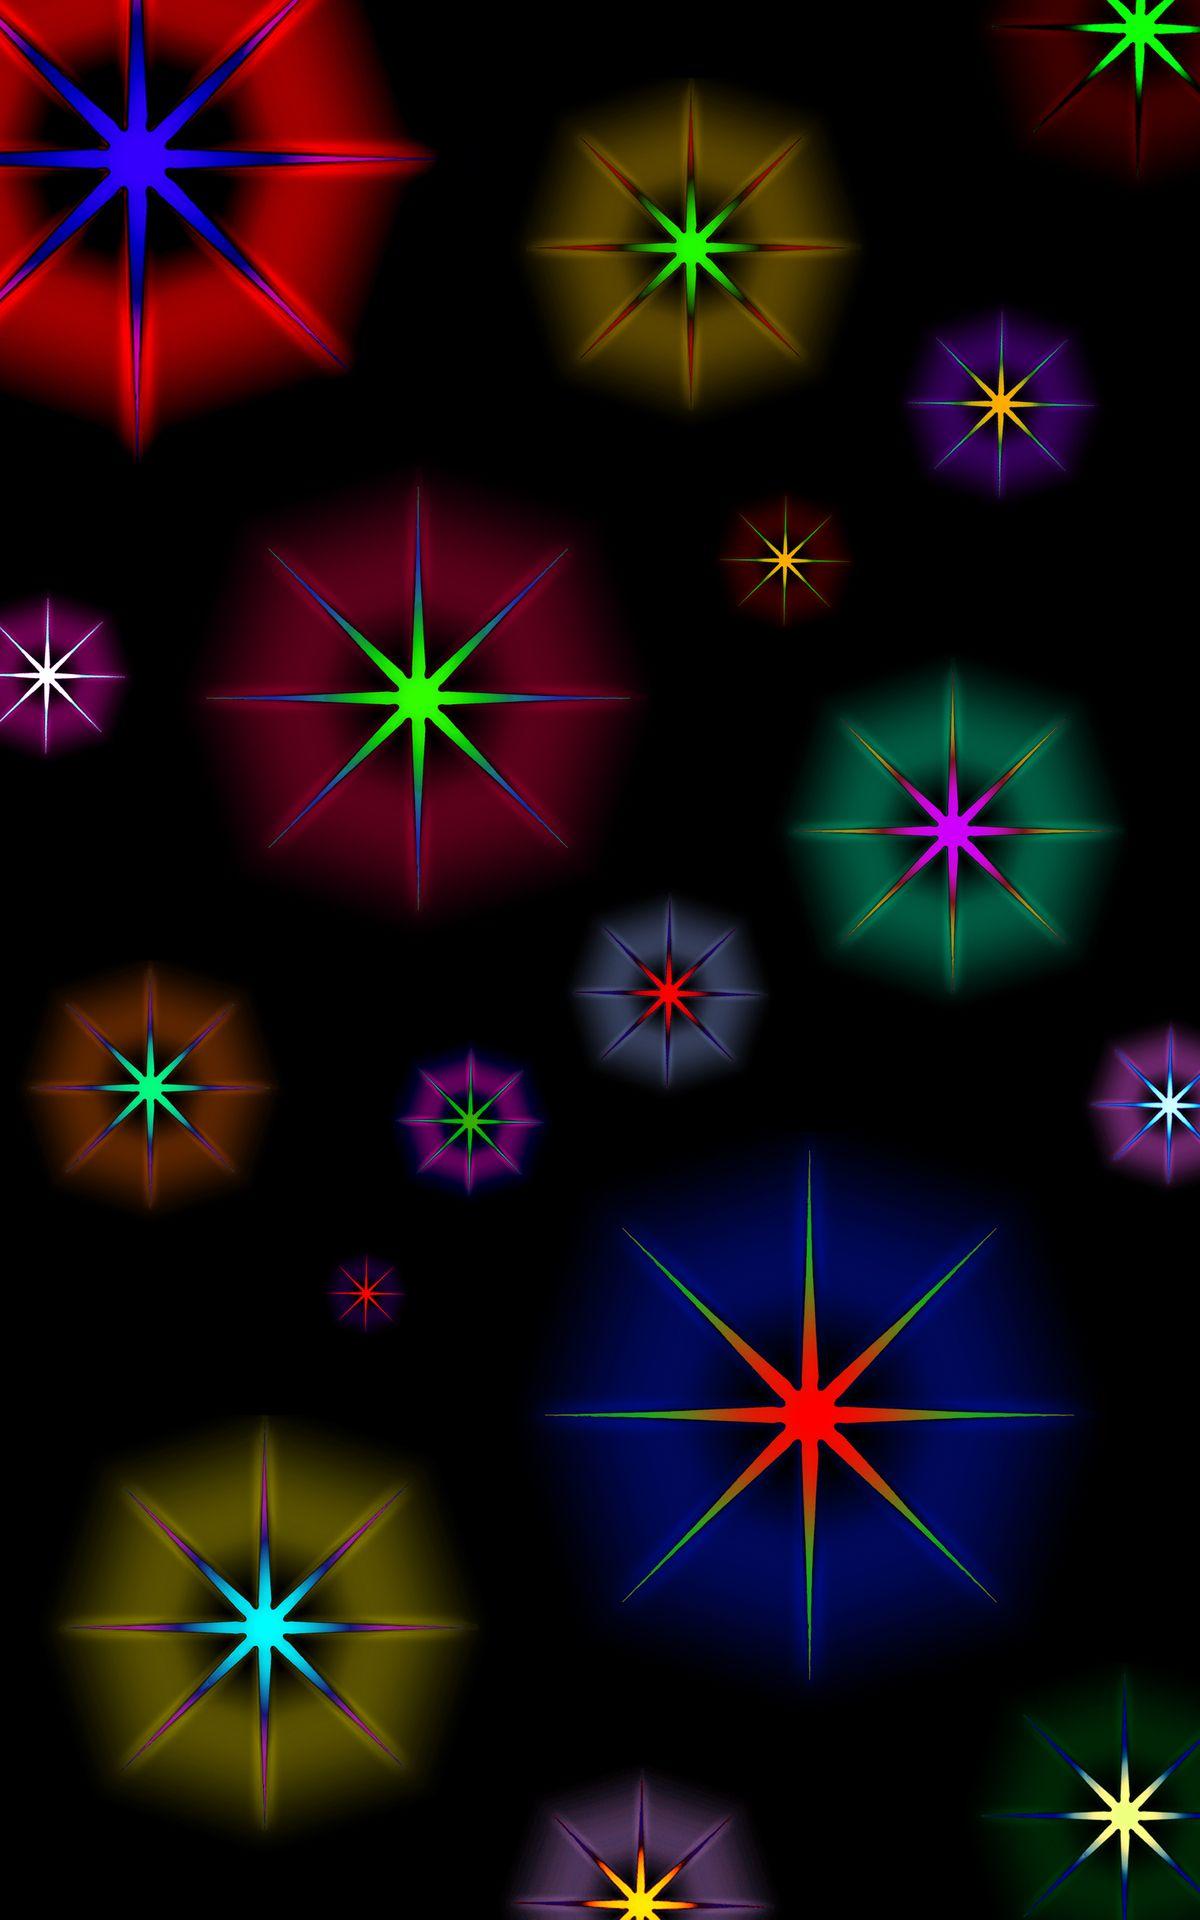 Pin de Katie Thompson en Patterns.... Imágenes de fondo